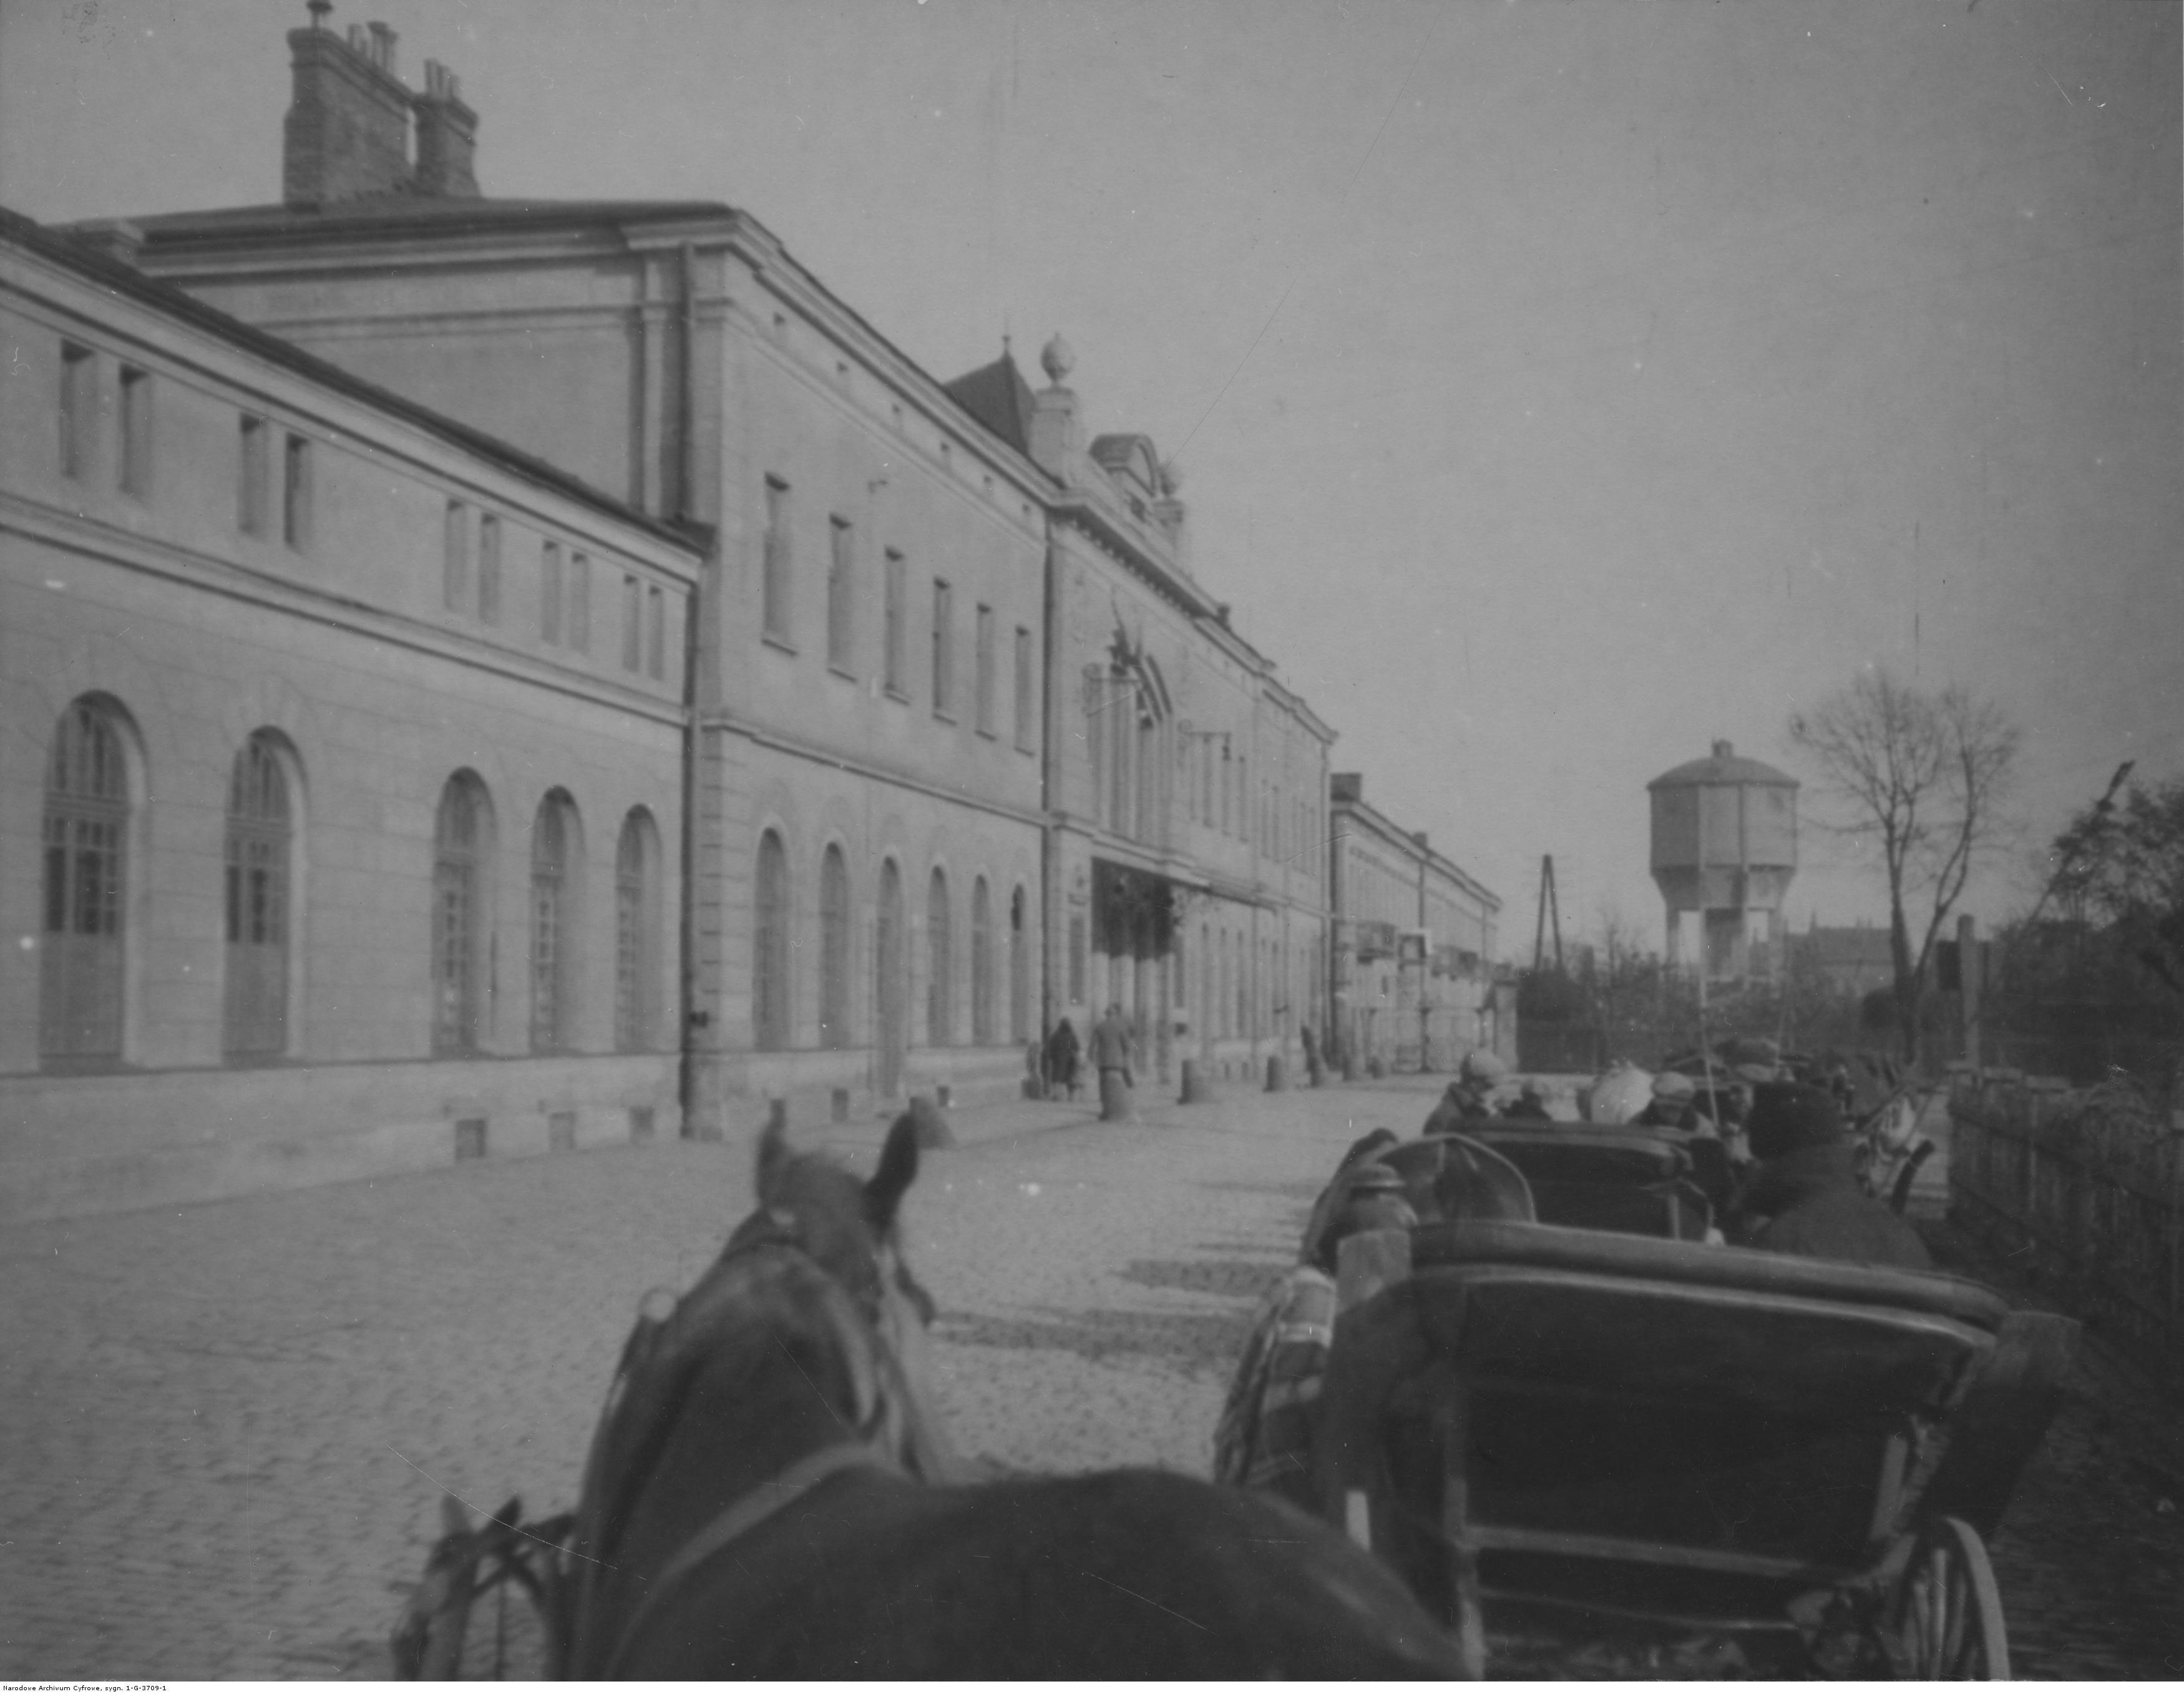 Dworzec kolejowy w Rzeszowie - widok od strony ulicy, rok 1932